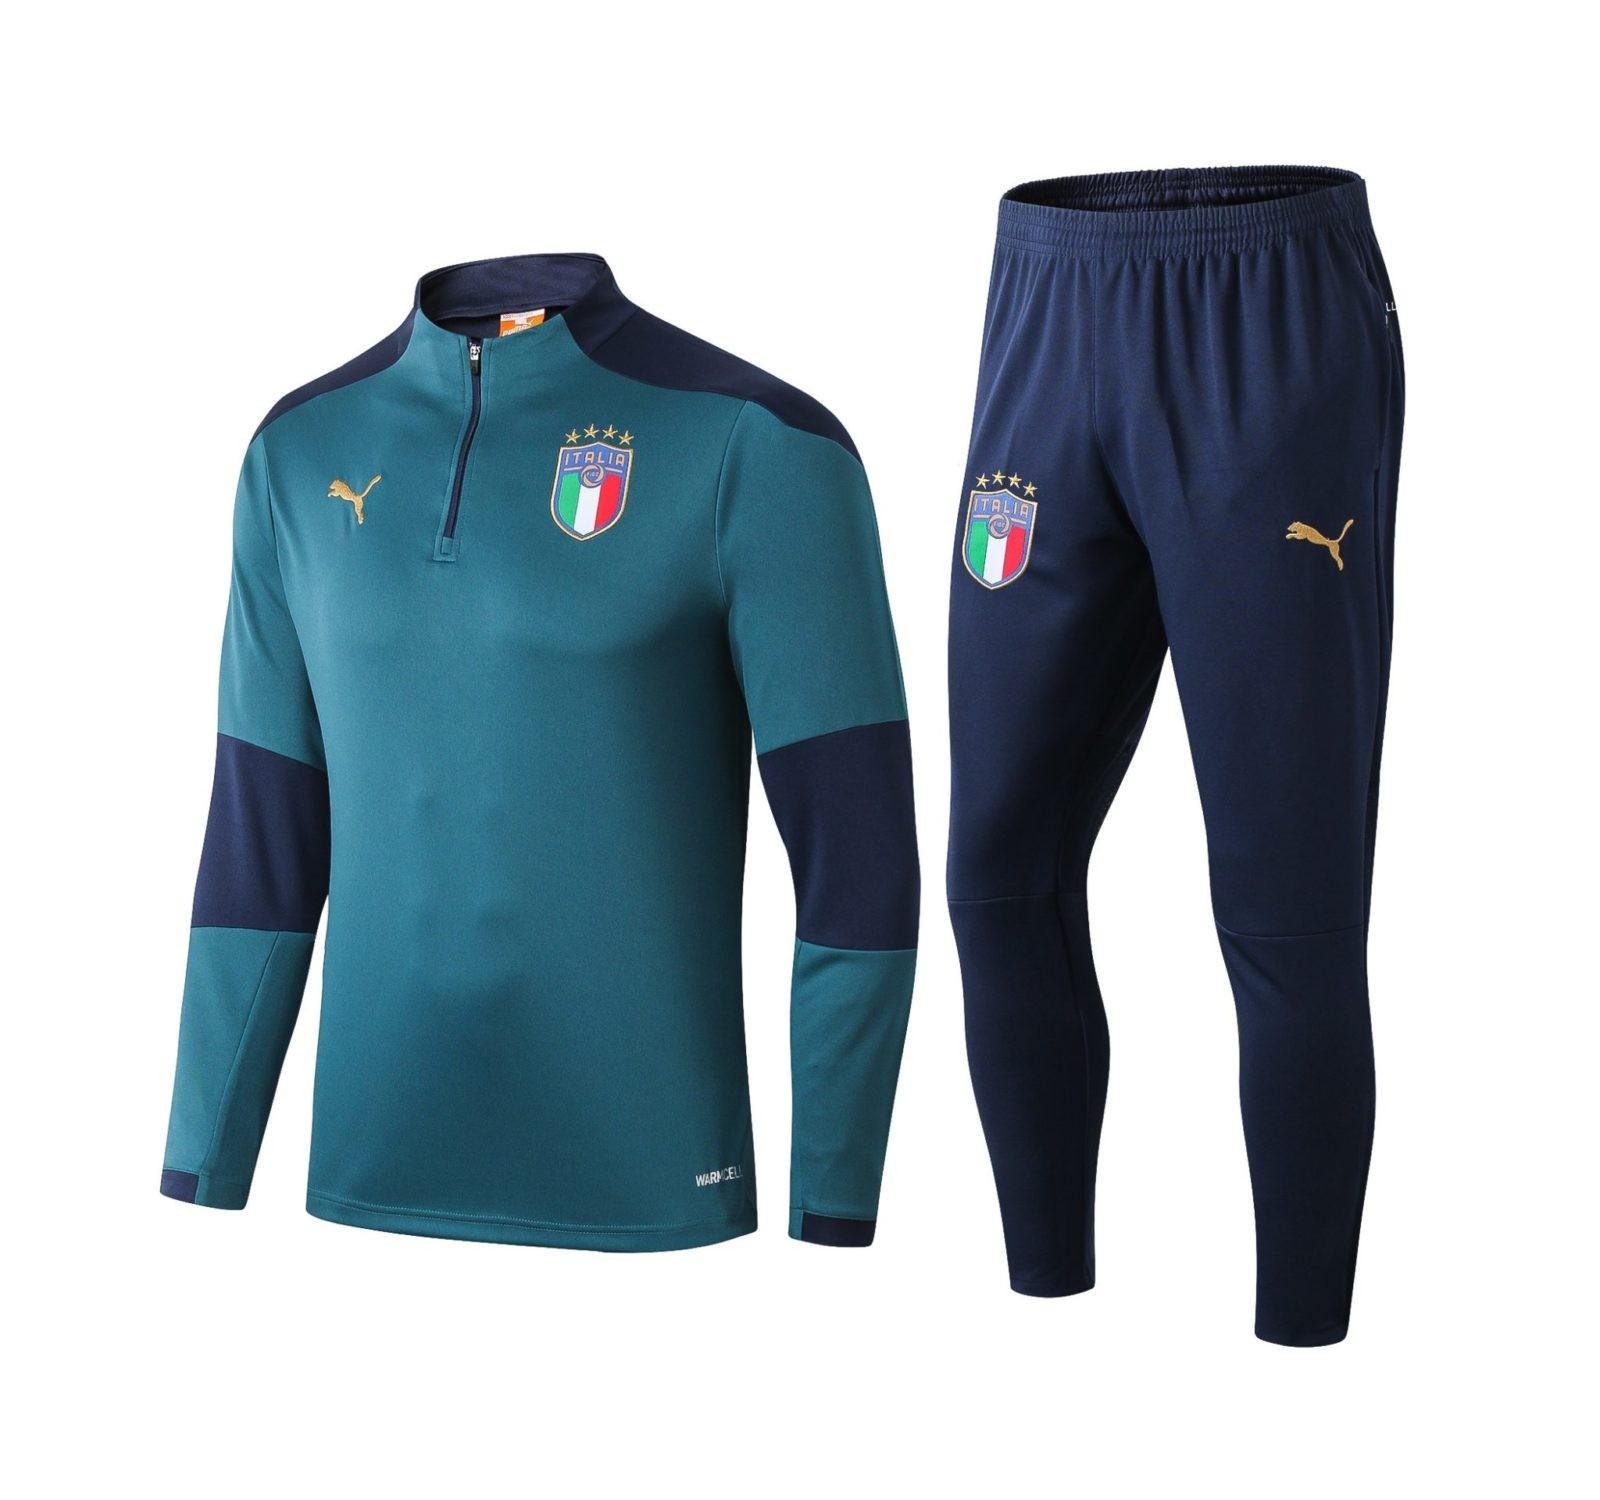 Спортивный костюм сборной Италии 2020 арт.21003